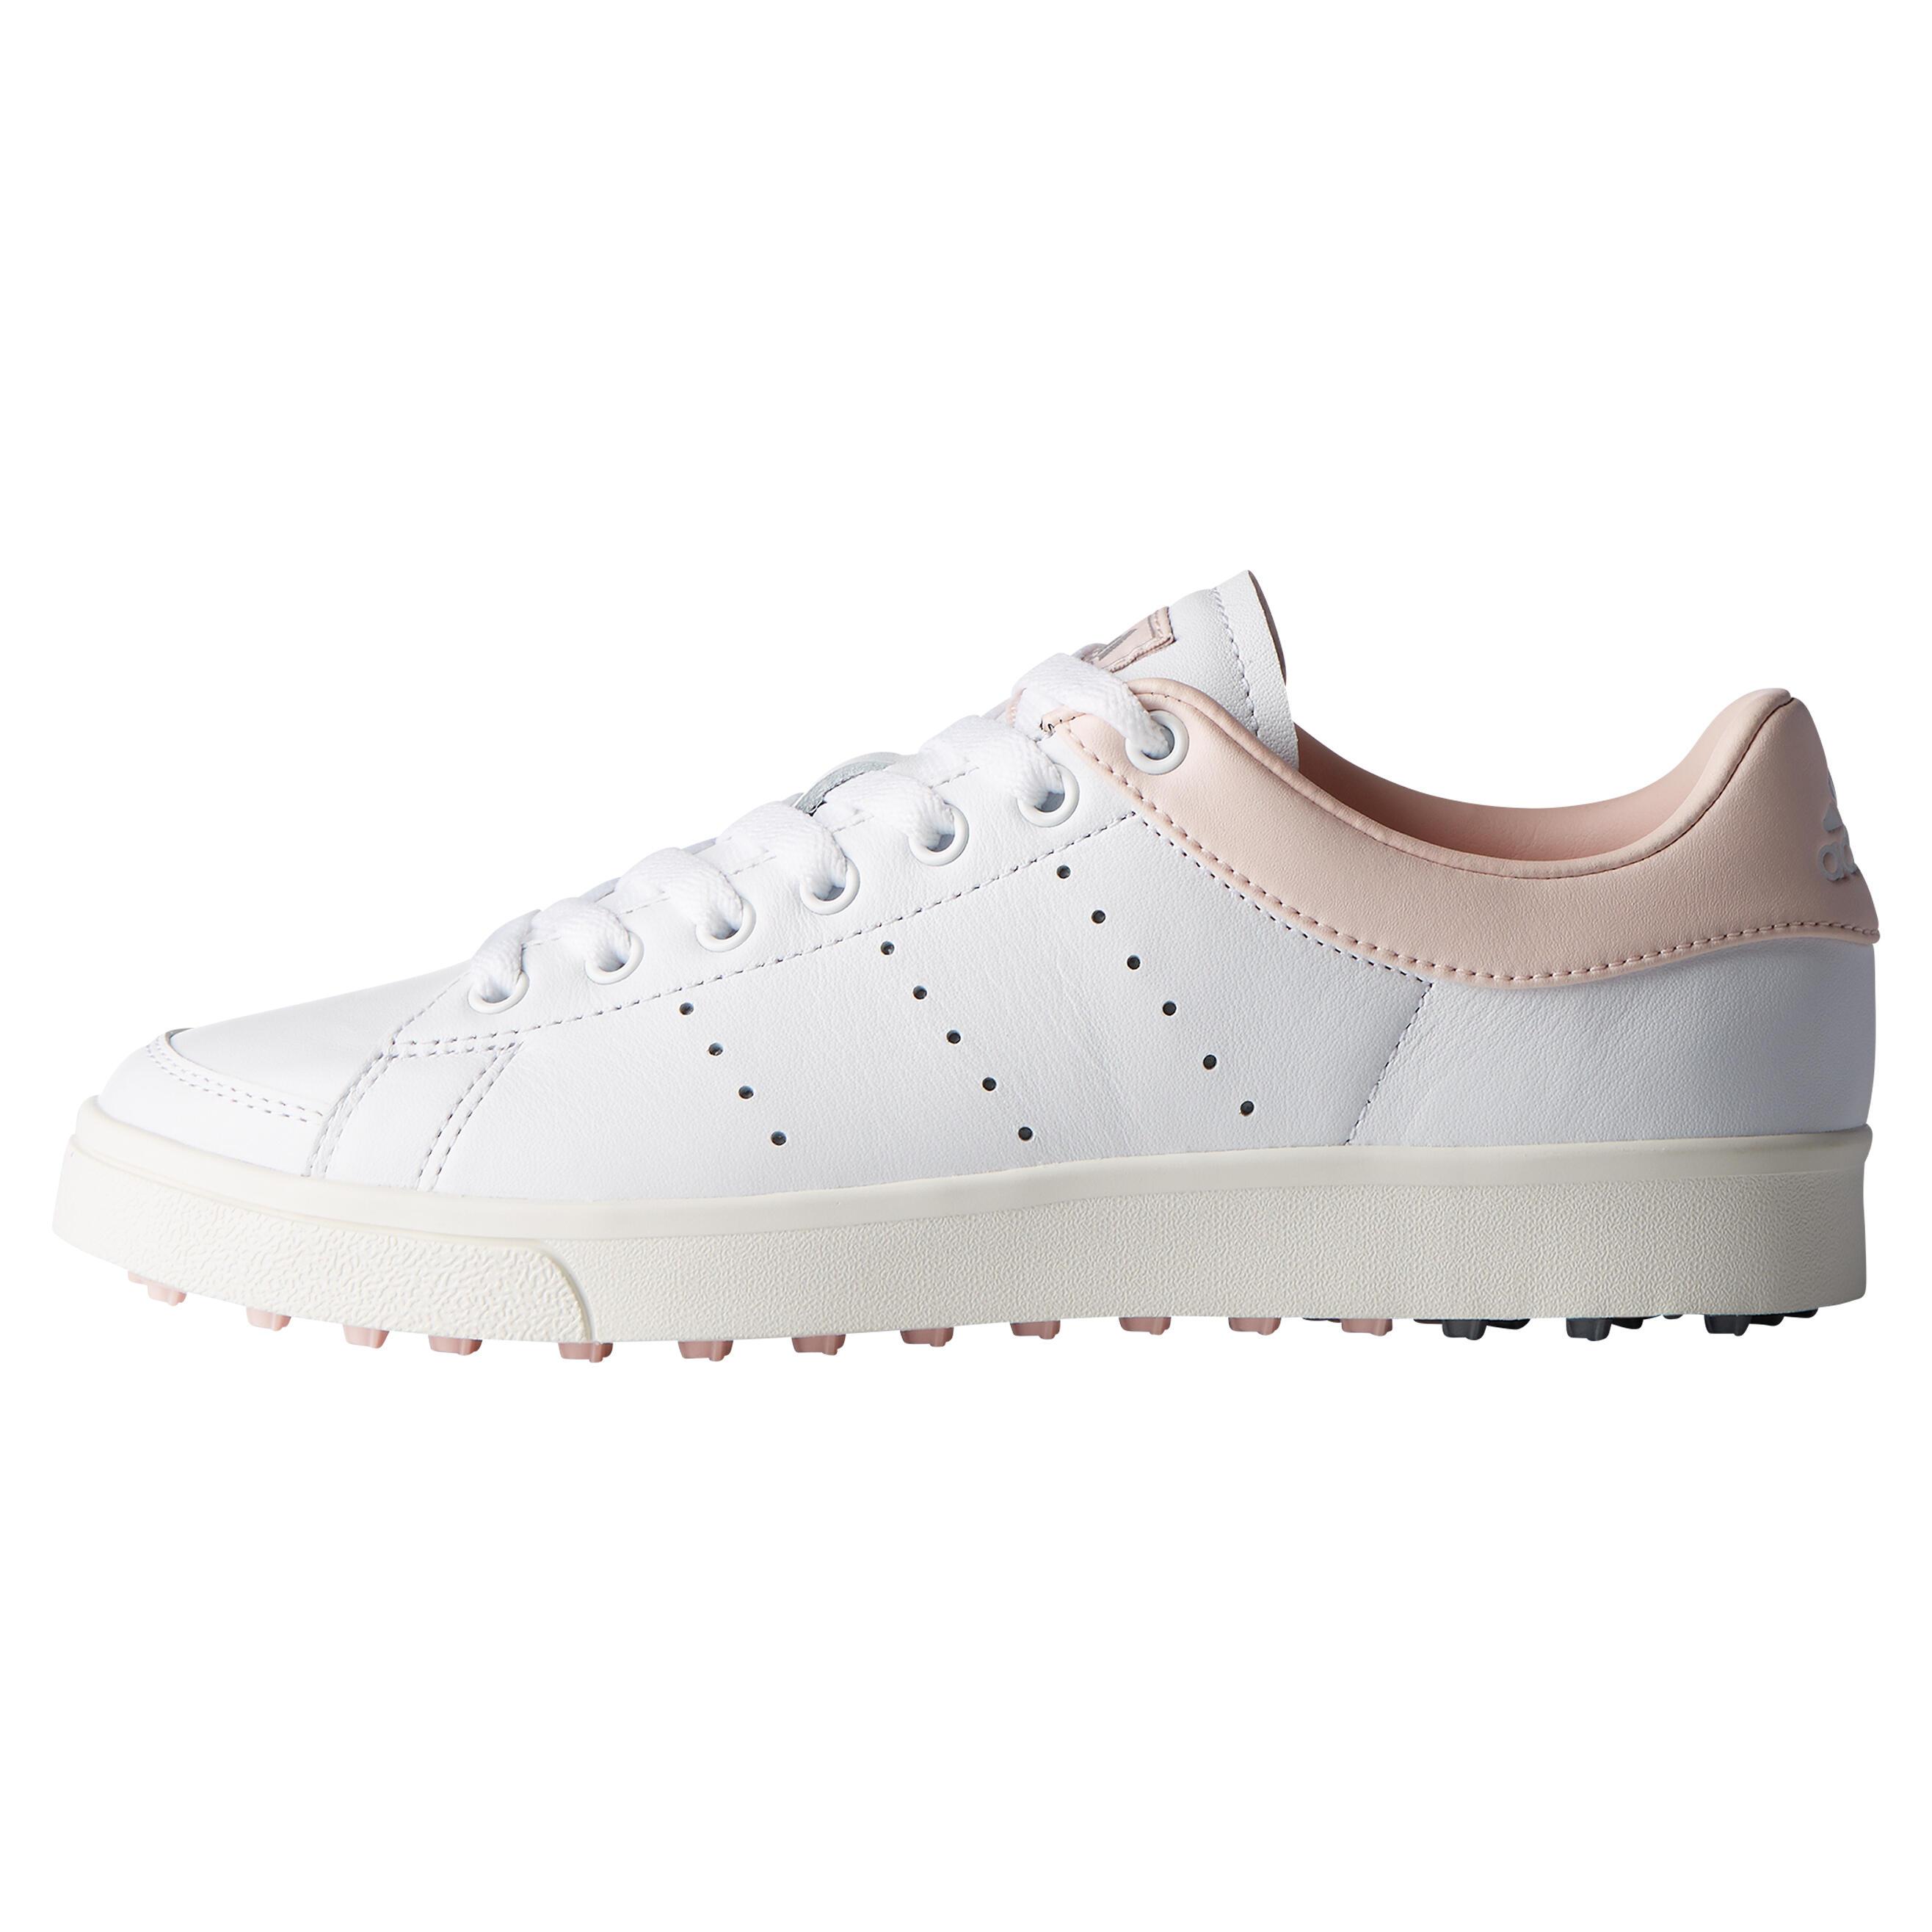 Adidas Golfschoenen Adicross Classic voor dames wit